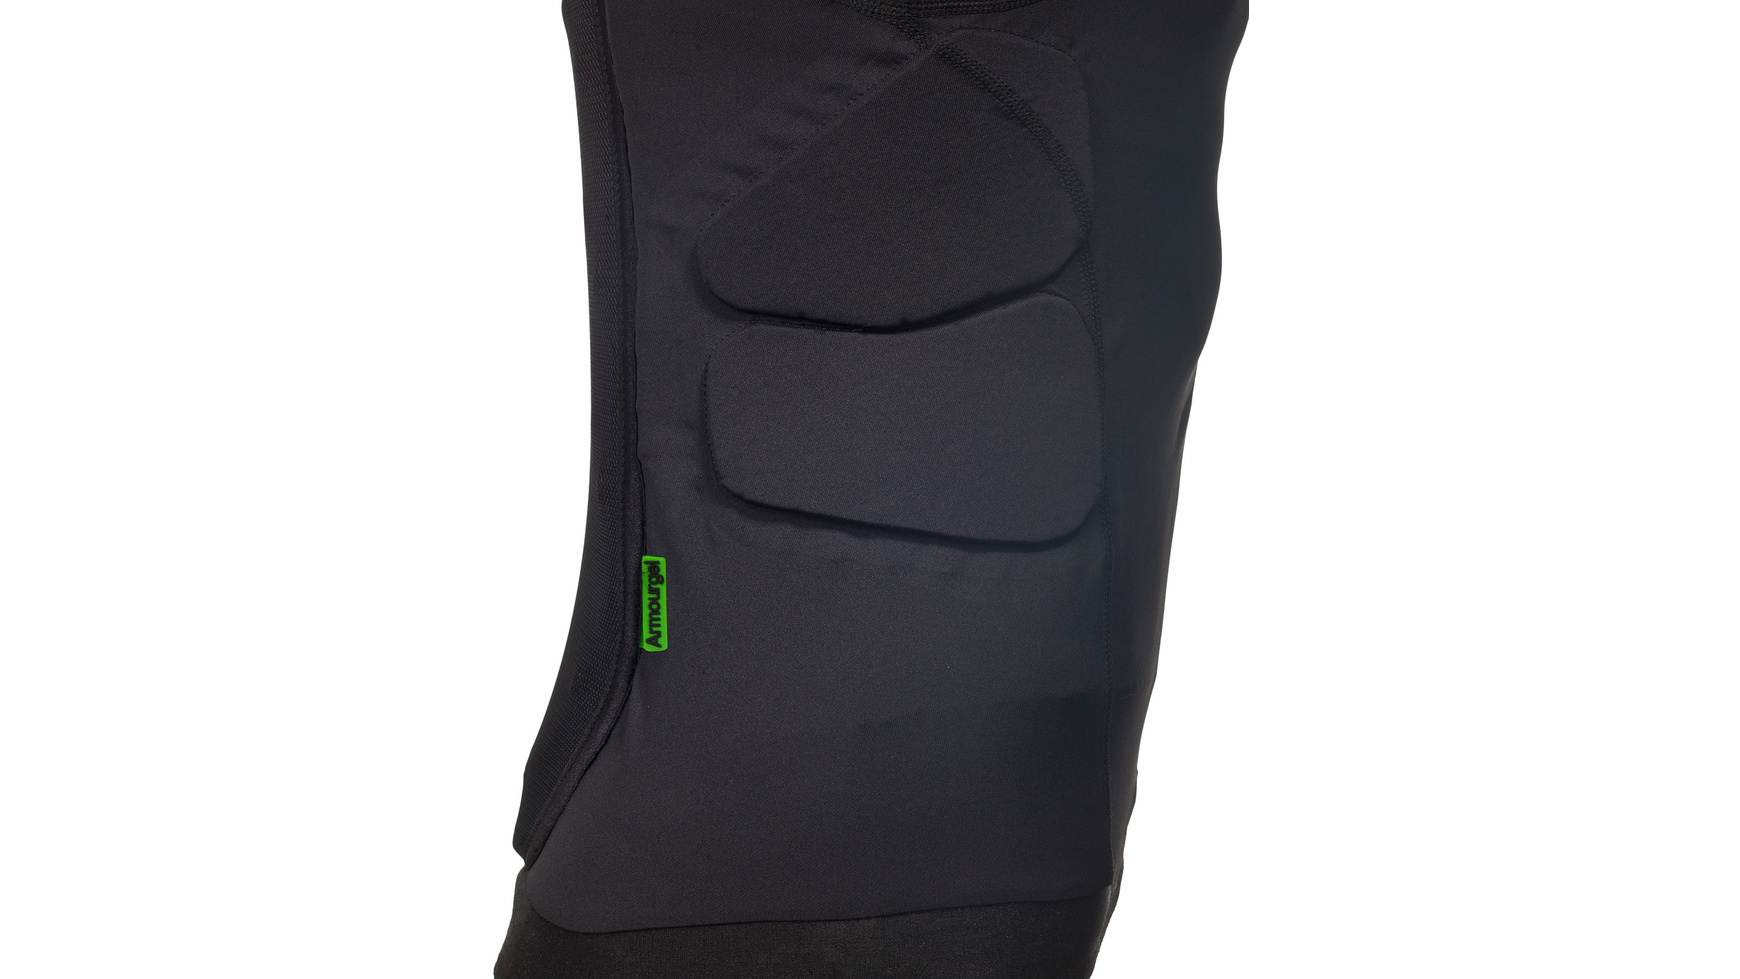 AMPLIFI MK II Rückenprotektor Seitenansicht